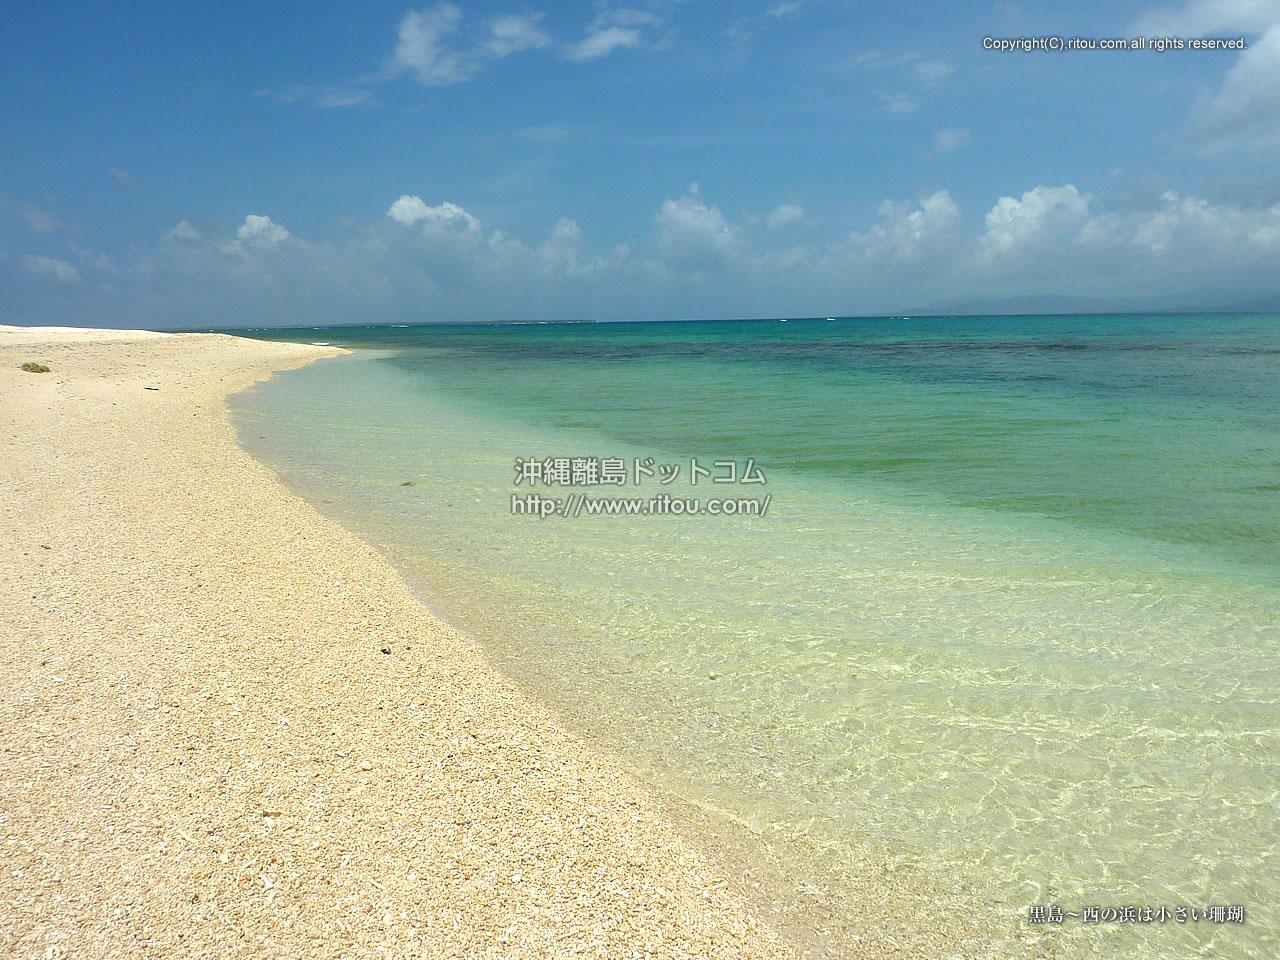 黒島〜西の浜は小さい珊瑚